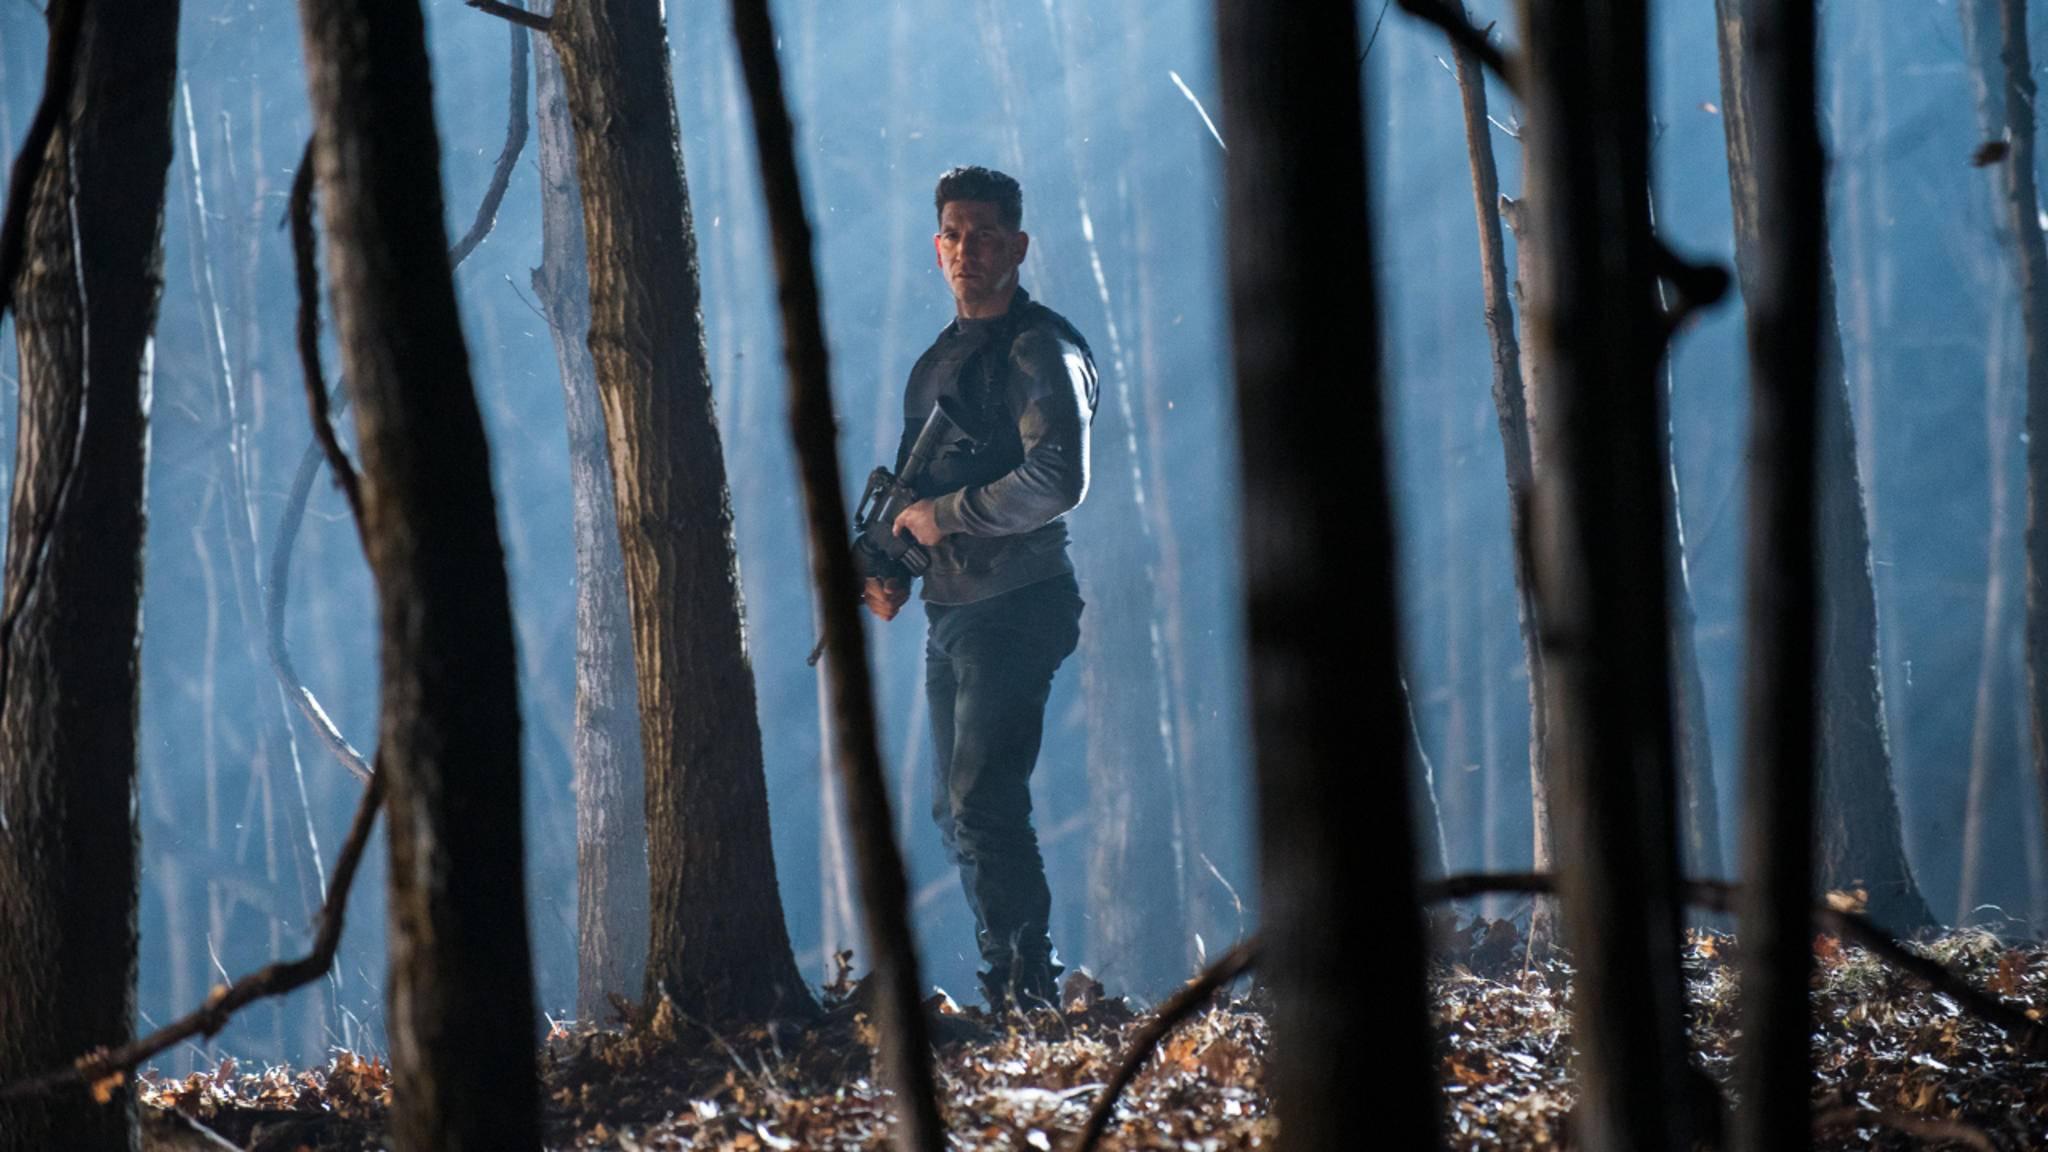 Der Punisher ist noch lange nicht am Ende ... – meint zumindest Jon Bernthal.